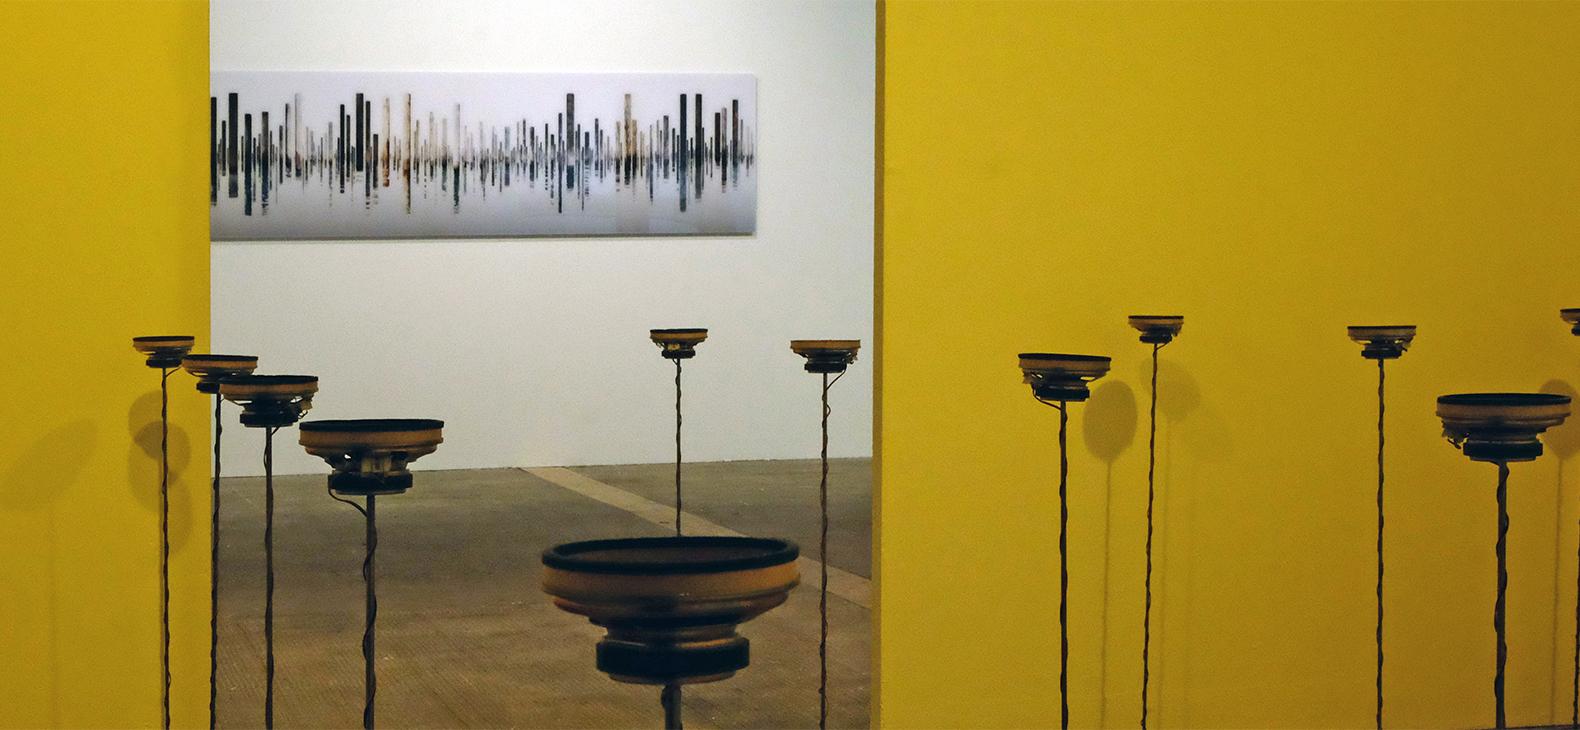 Ausstellung Resonanzen mit Georg Küttinger und Hans Wesker, Foto: Hans Wesker (C) VG Bild-Kunst e.V.